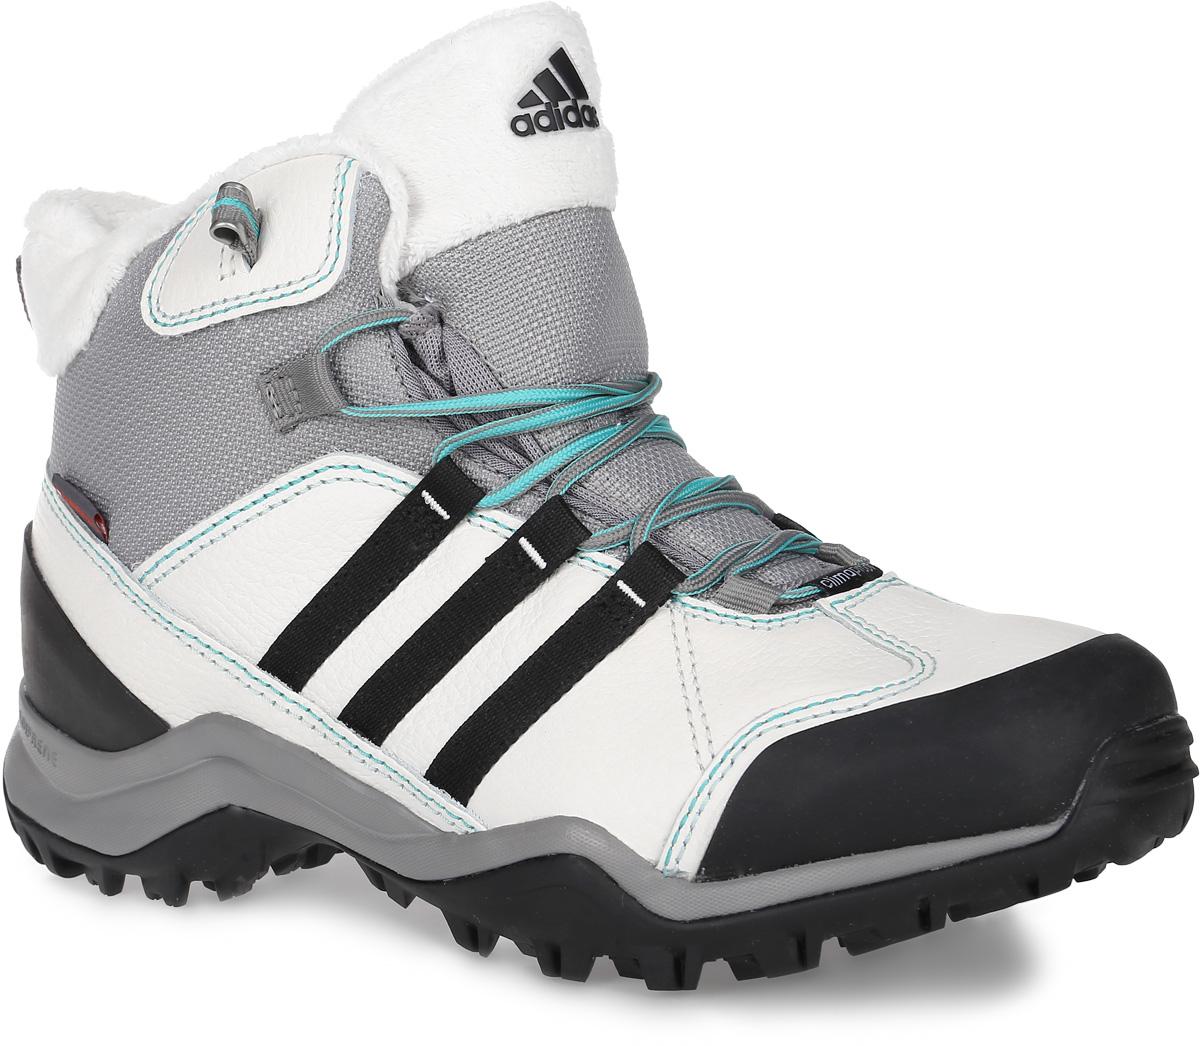 БотинкиM17332Женские ботинки от adidas Winter Hiker II CP PL займут достойное место в вашем гардеробе. Модель выполнена из комбинации прочного сетчатого текстиля, искусственной кожи и других искусственных материалов. Верх изделия оформлен шнуровкой, которая надежно фиксирует обувь на ноге. Ботинки с закругленным мыском внутри выполнены из текстиля с верхней частью из искусственного меха. Утеплитель Primaloft предназначен для максимального тепла, защиты от влаги и комфорта. Стелька исполнена из текстиля. По бокам обувь декорирована тремя фирменными полосками, а на заднике и мыске тиснением в виде логотипа бренда. Уникальный дизайн в сочетании с технологией Adiprene, в промежуточной части подошвы, служит для дополнительной амортизации и смягчения ударных нагрузок. Задняя часть кроссовок дополнена ярлычком для более удобного надевания обуви. Подошва с рельефом Traxion, изготовленная из гибкой резины, обеспечит прочное сцепление с любой поверхностью.